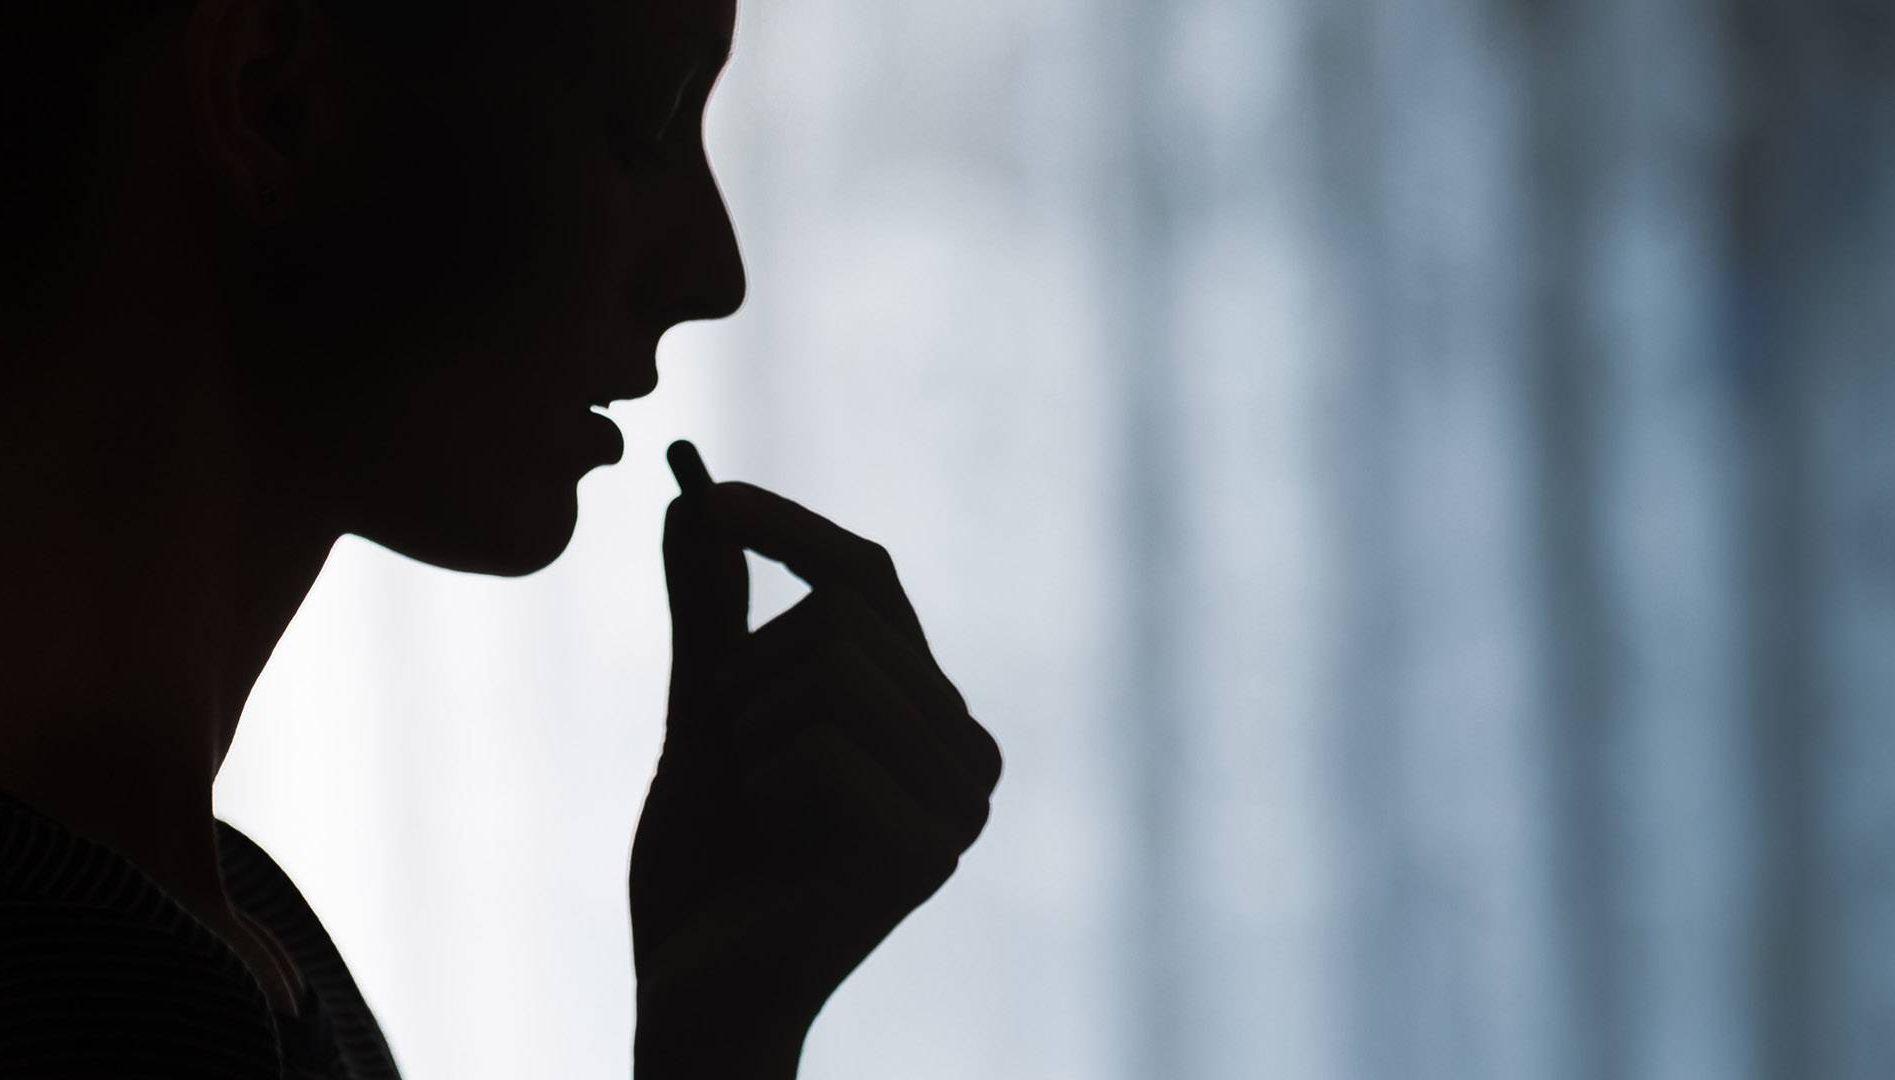 woman taking pill. REWIRE PBS love heartbreak